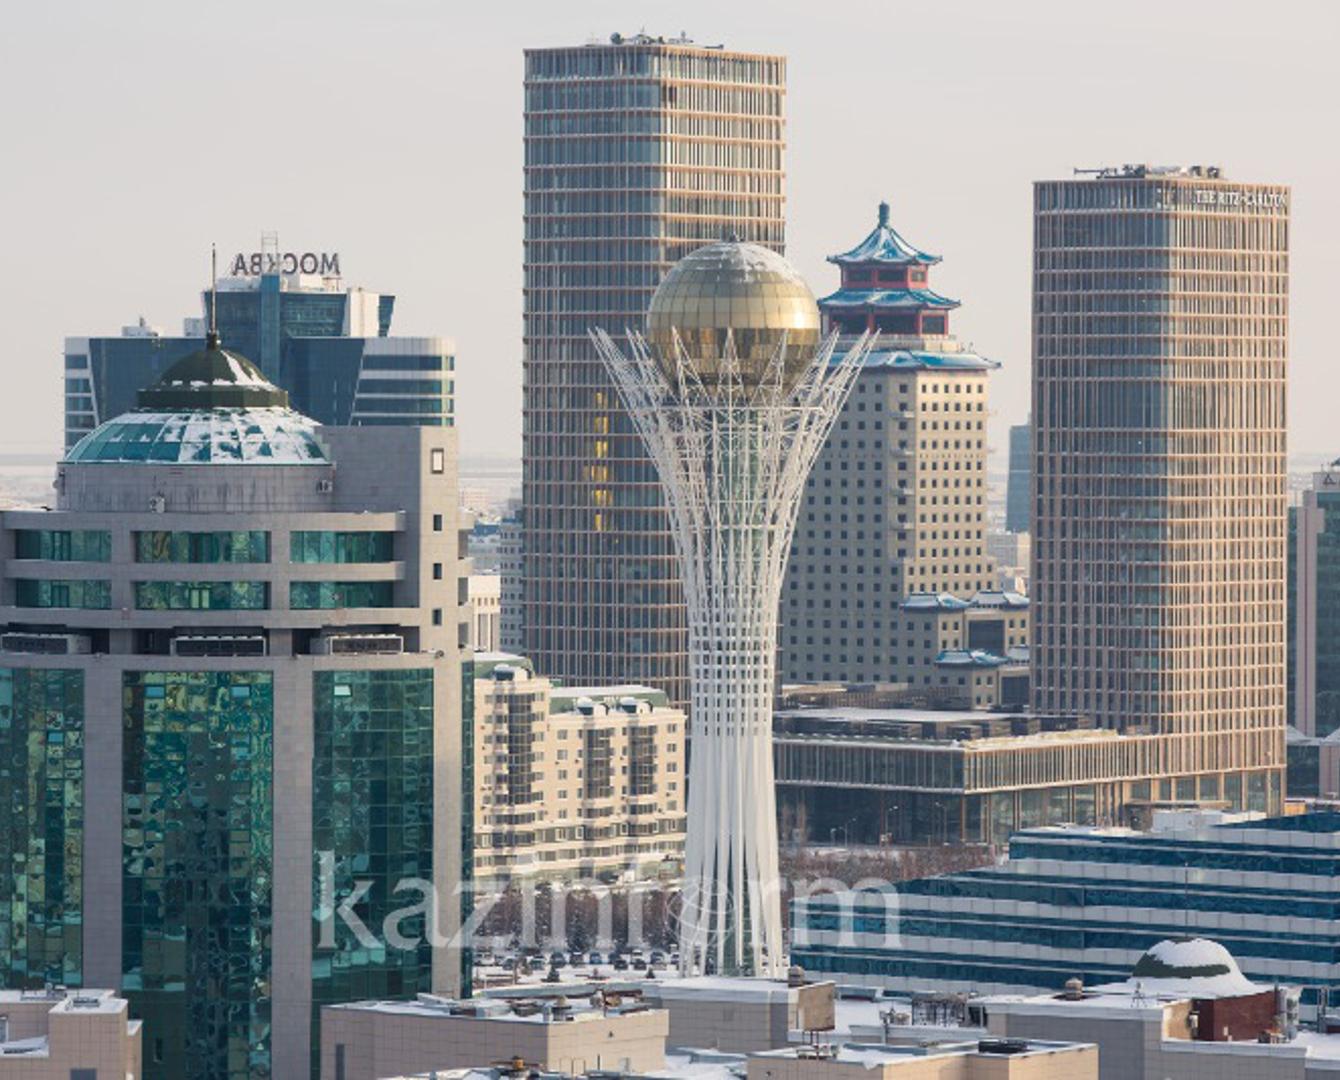 Депутаты вновь предложили переименовать Астану в честь Назарбаева